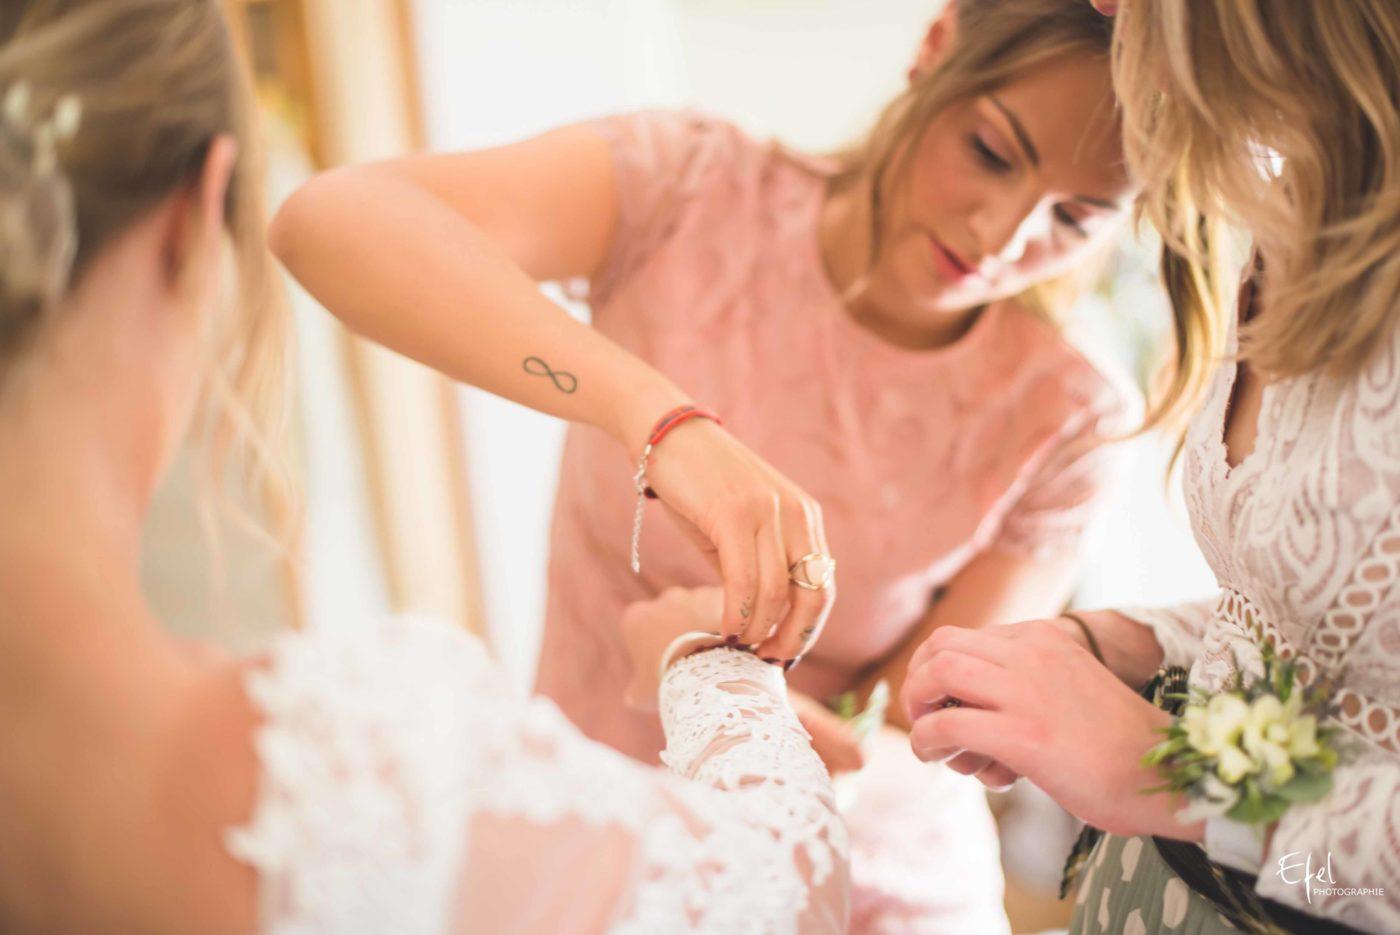 Le témoin de la mariée lui ajoute un bracelet décoratif avec une fleur